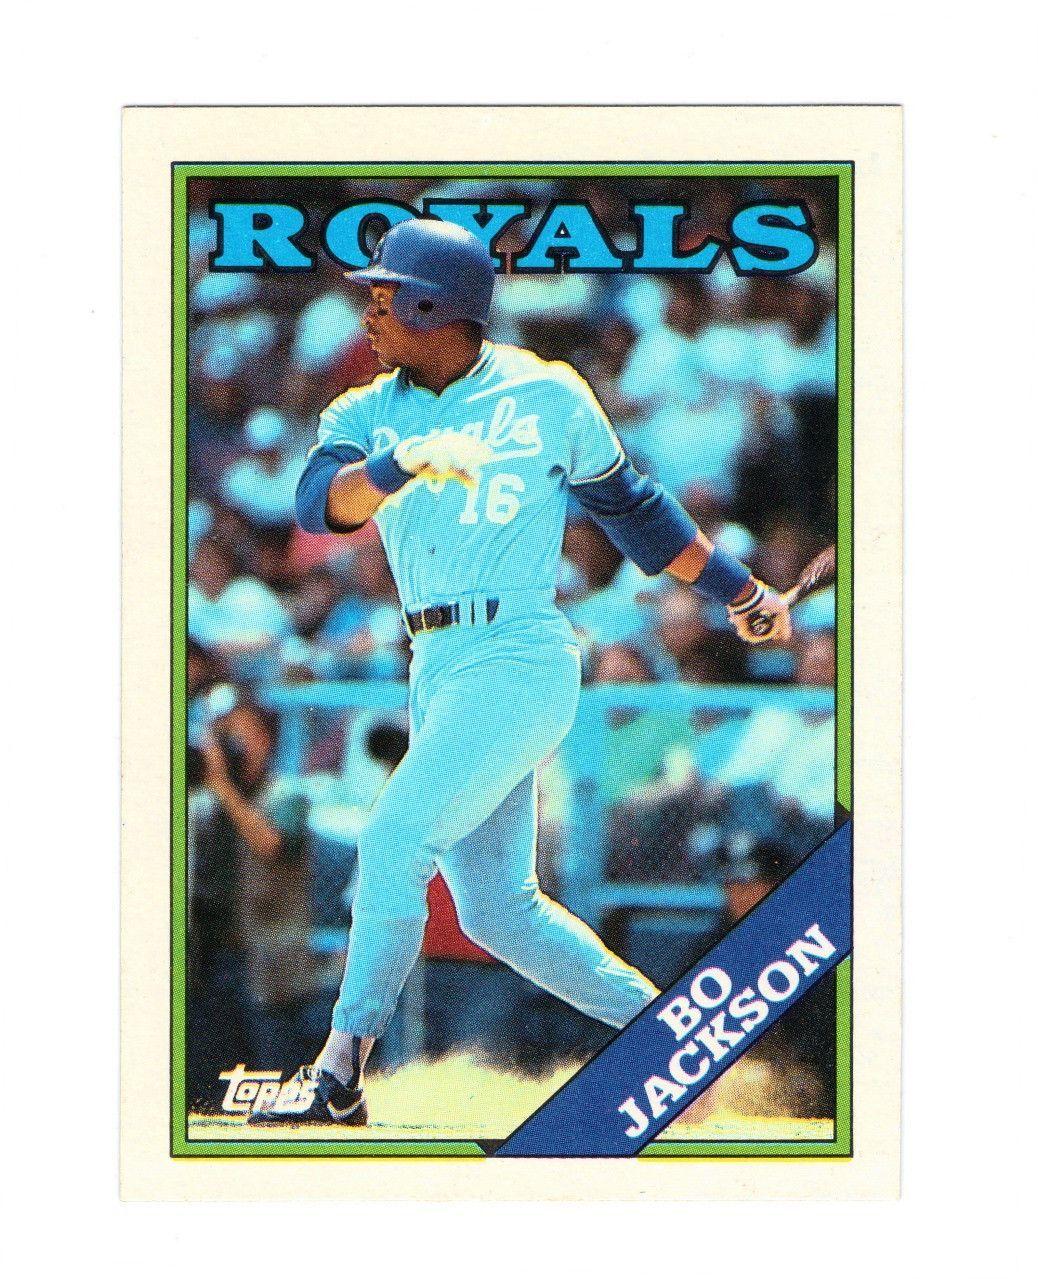 1988 topps bo jackson 750 2nd year card royals grade 9